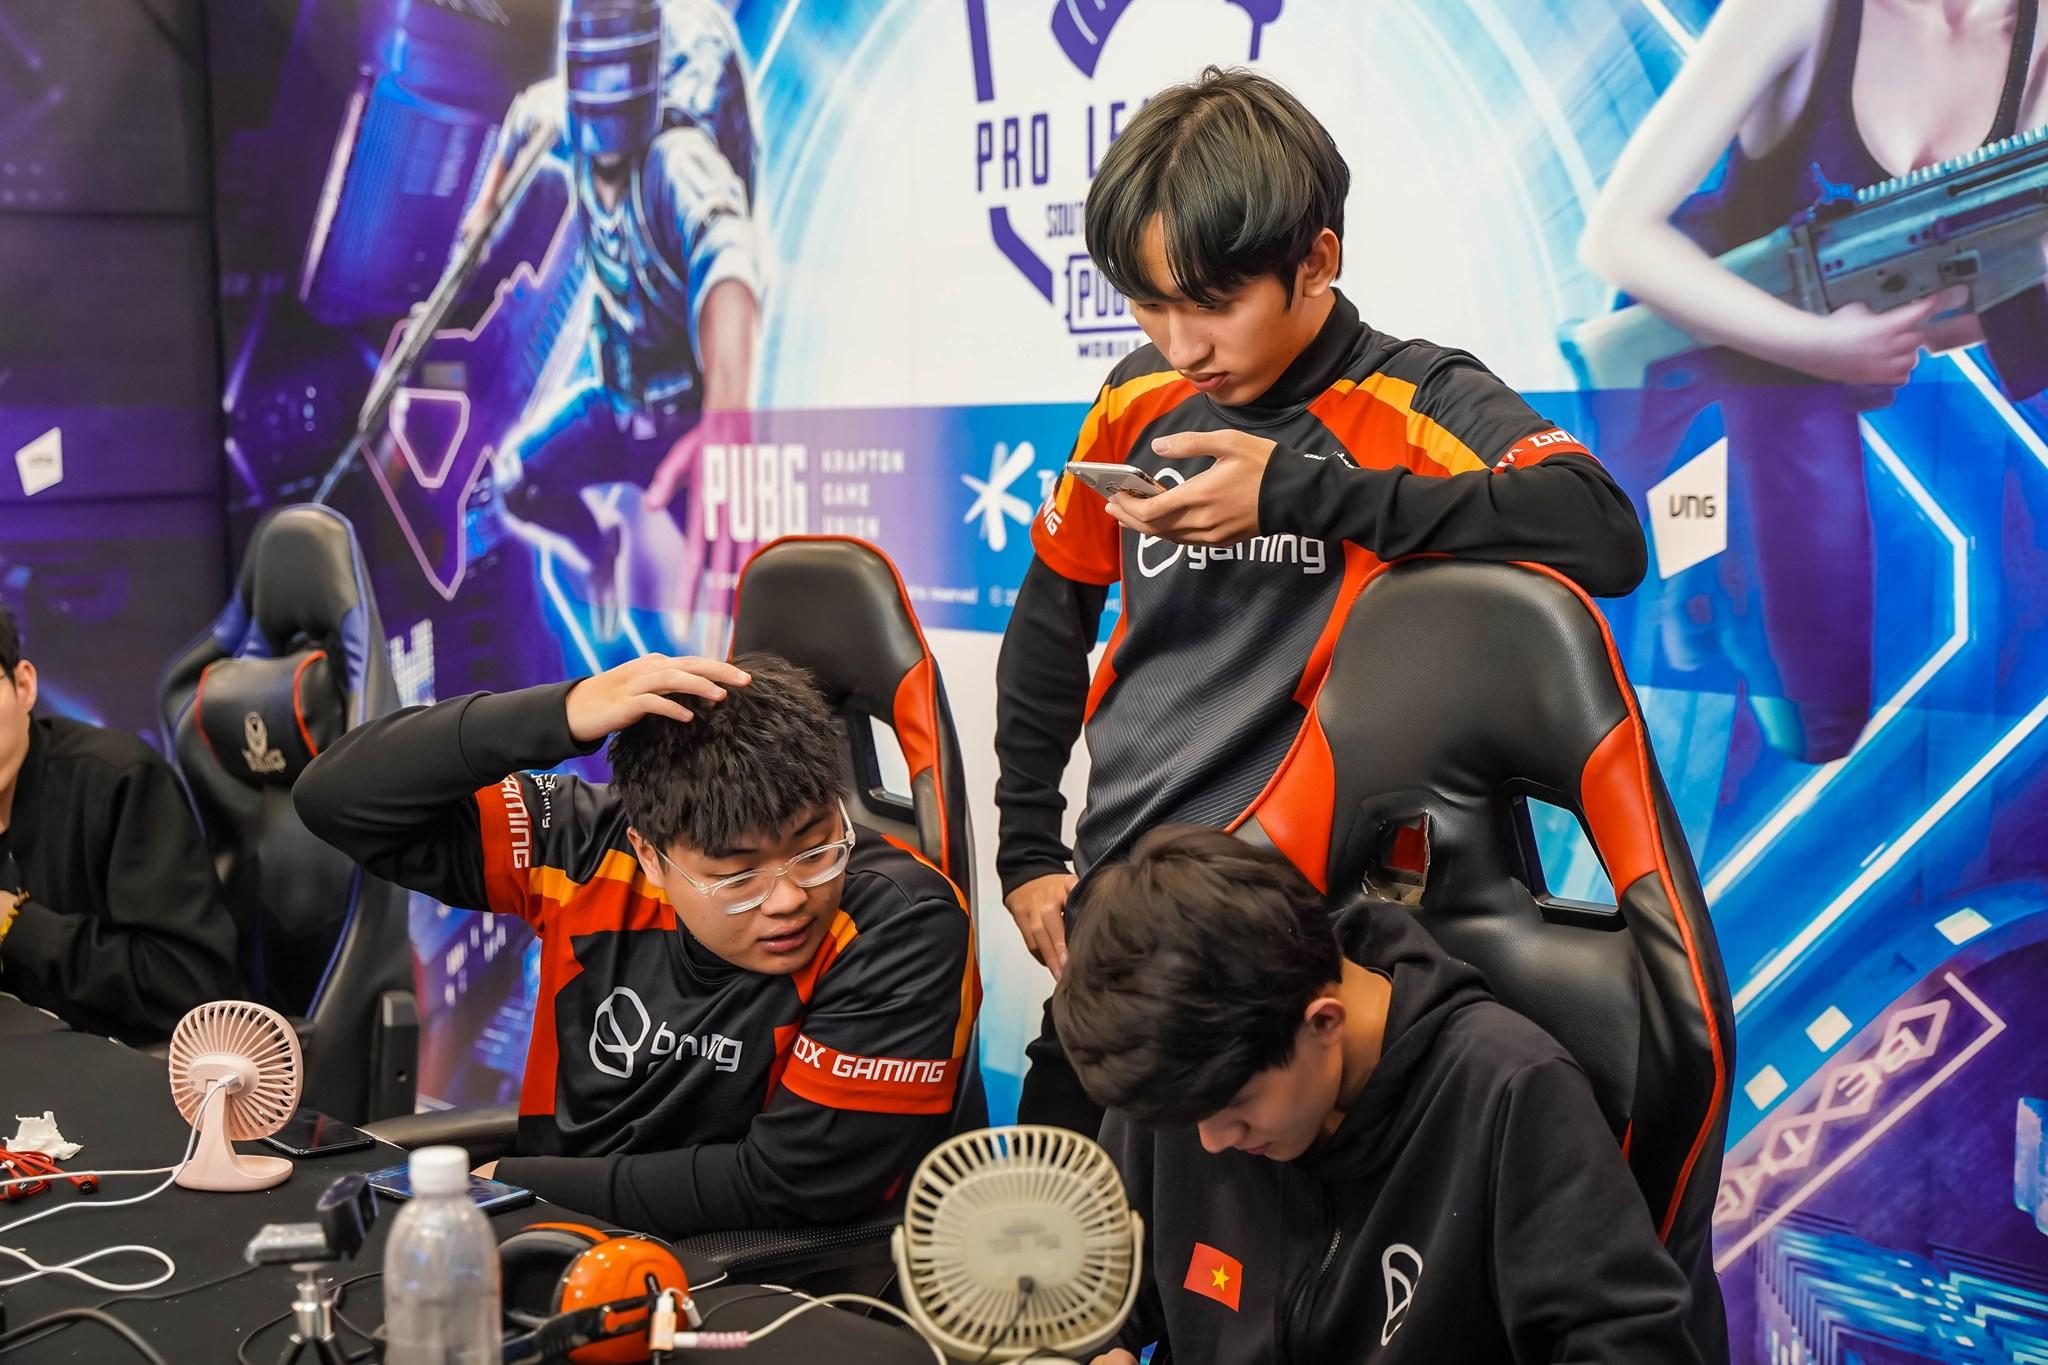 Fan hâm mộ cười 'rớt hàm' với cách trả lời phỏng vấn cực 'lầy' của Box Gaming tại chung kết SEA Finals S2 1